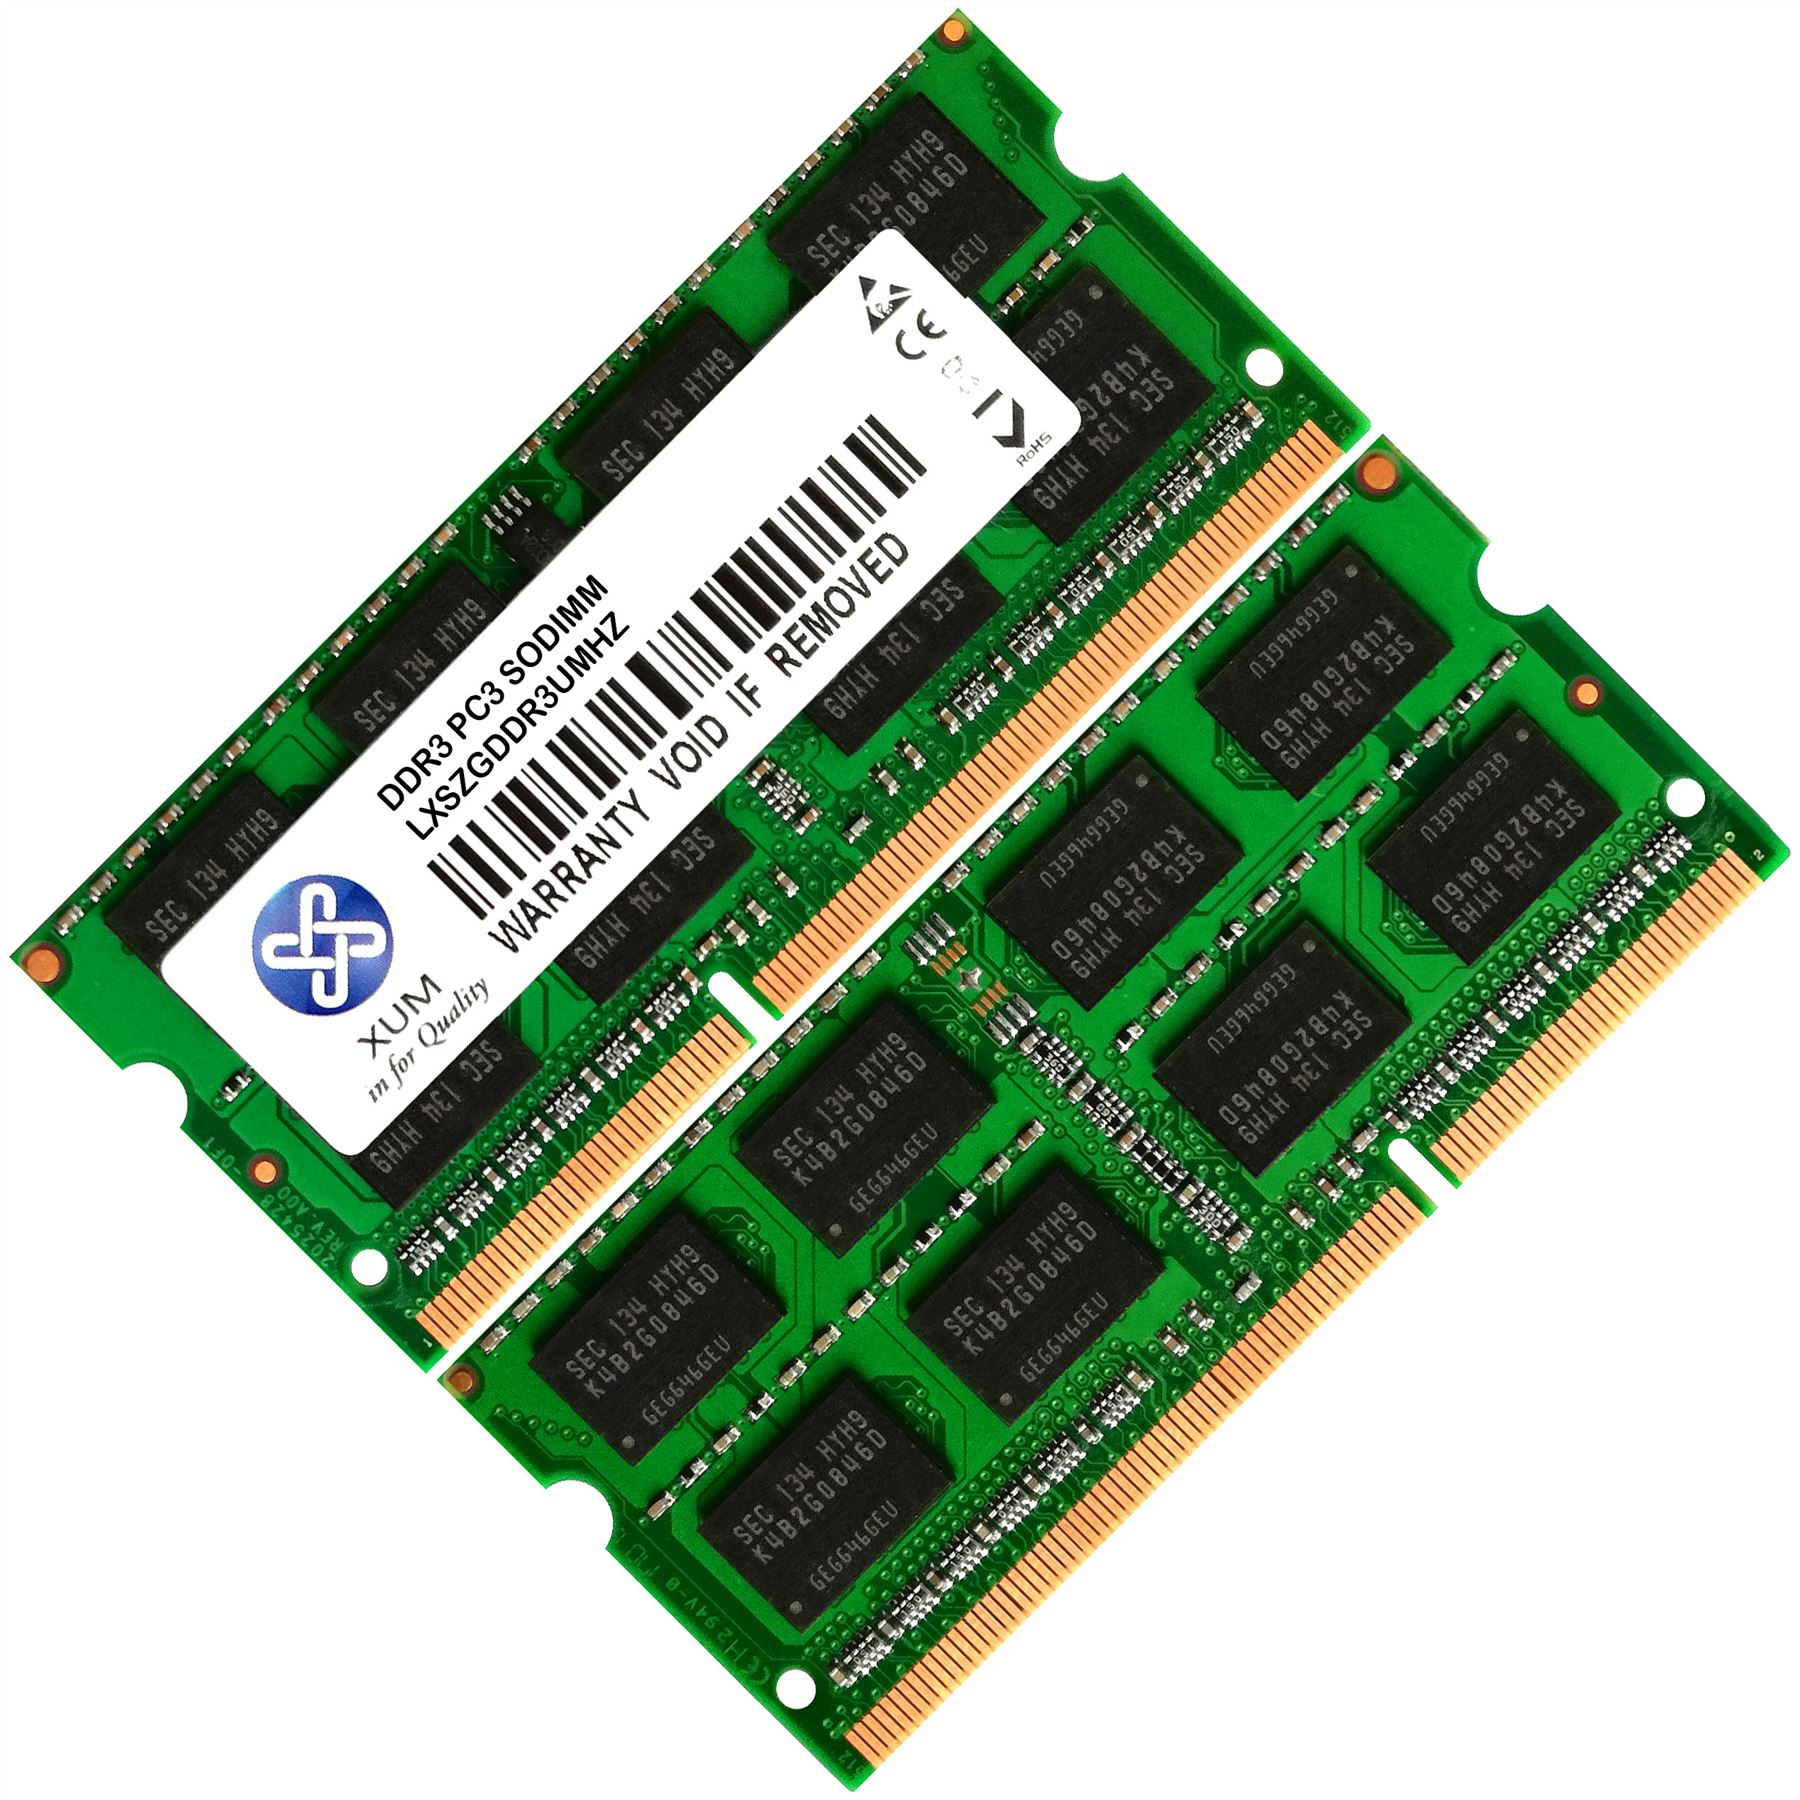 Memoria-Ram-4-Toshiba-Qosmio-Laptop-F60-124-F60-125-F60-126-F60-127-2x-Lot